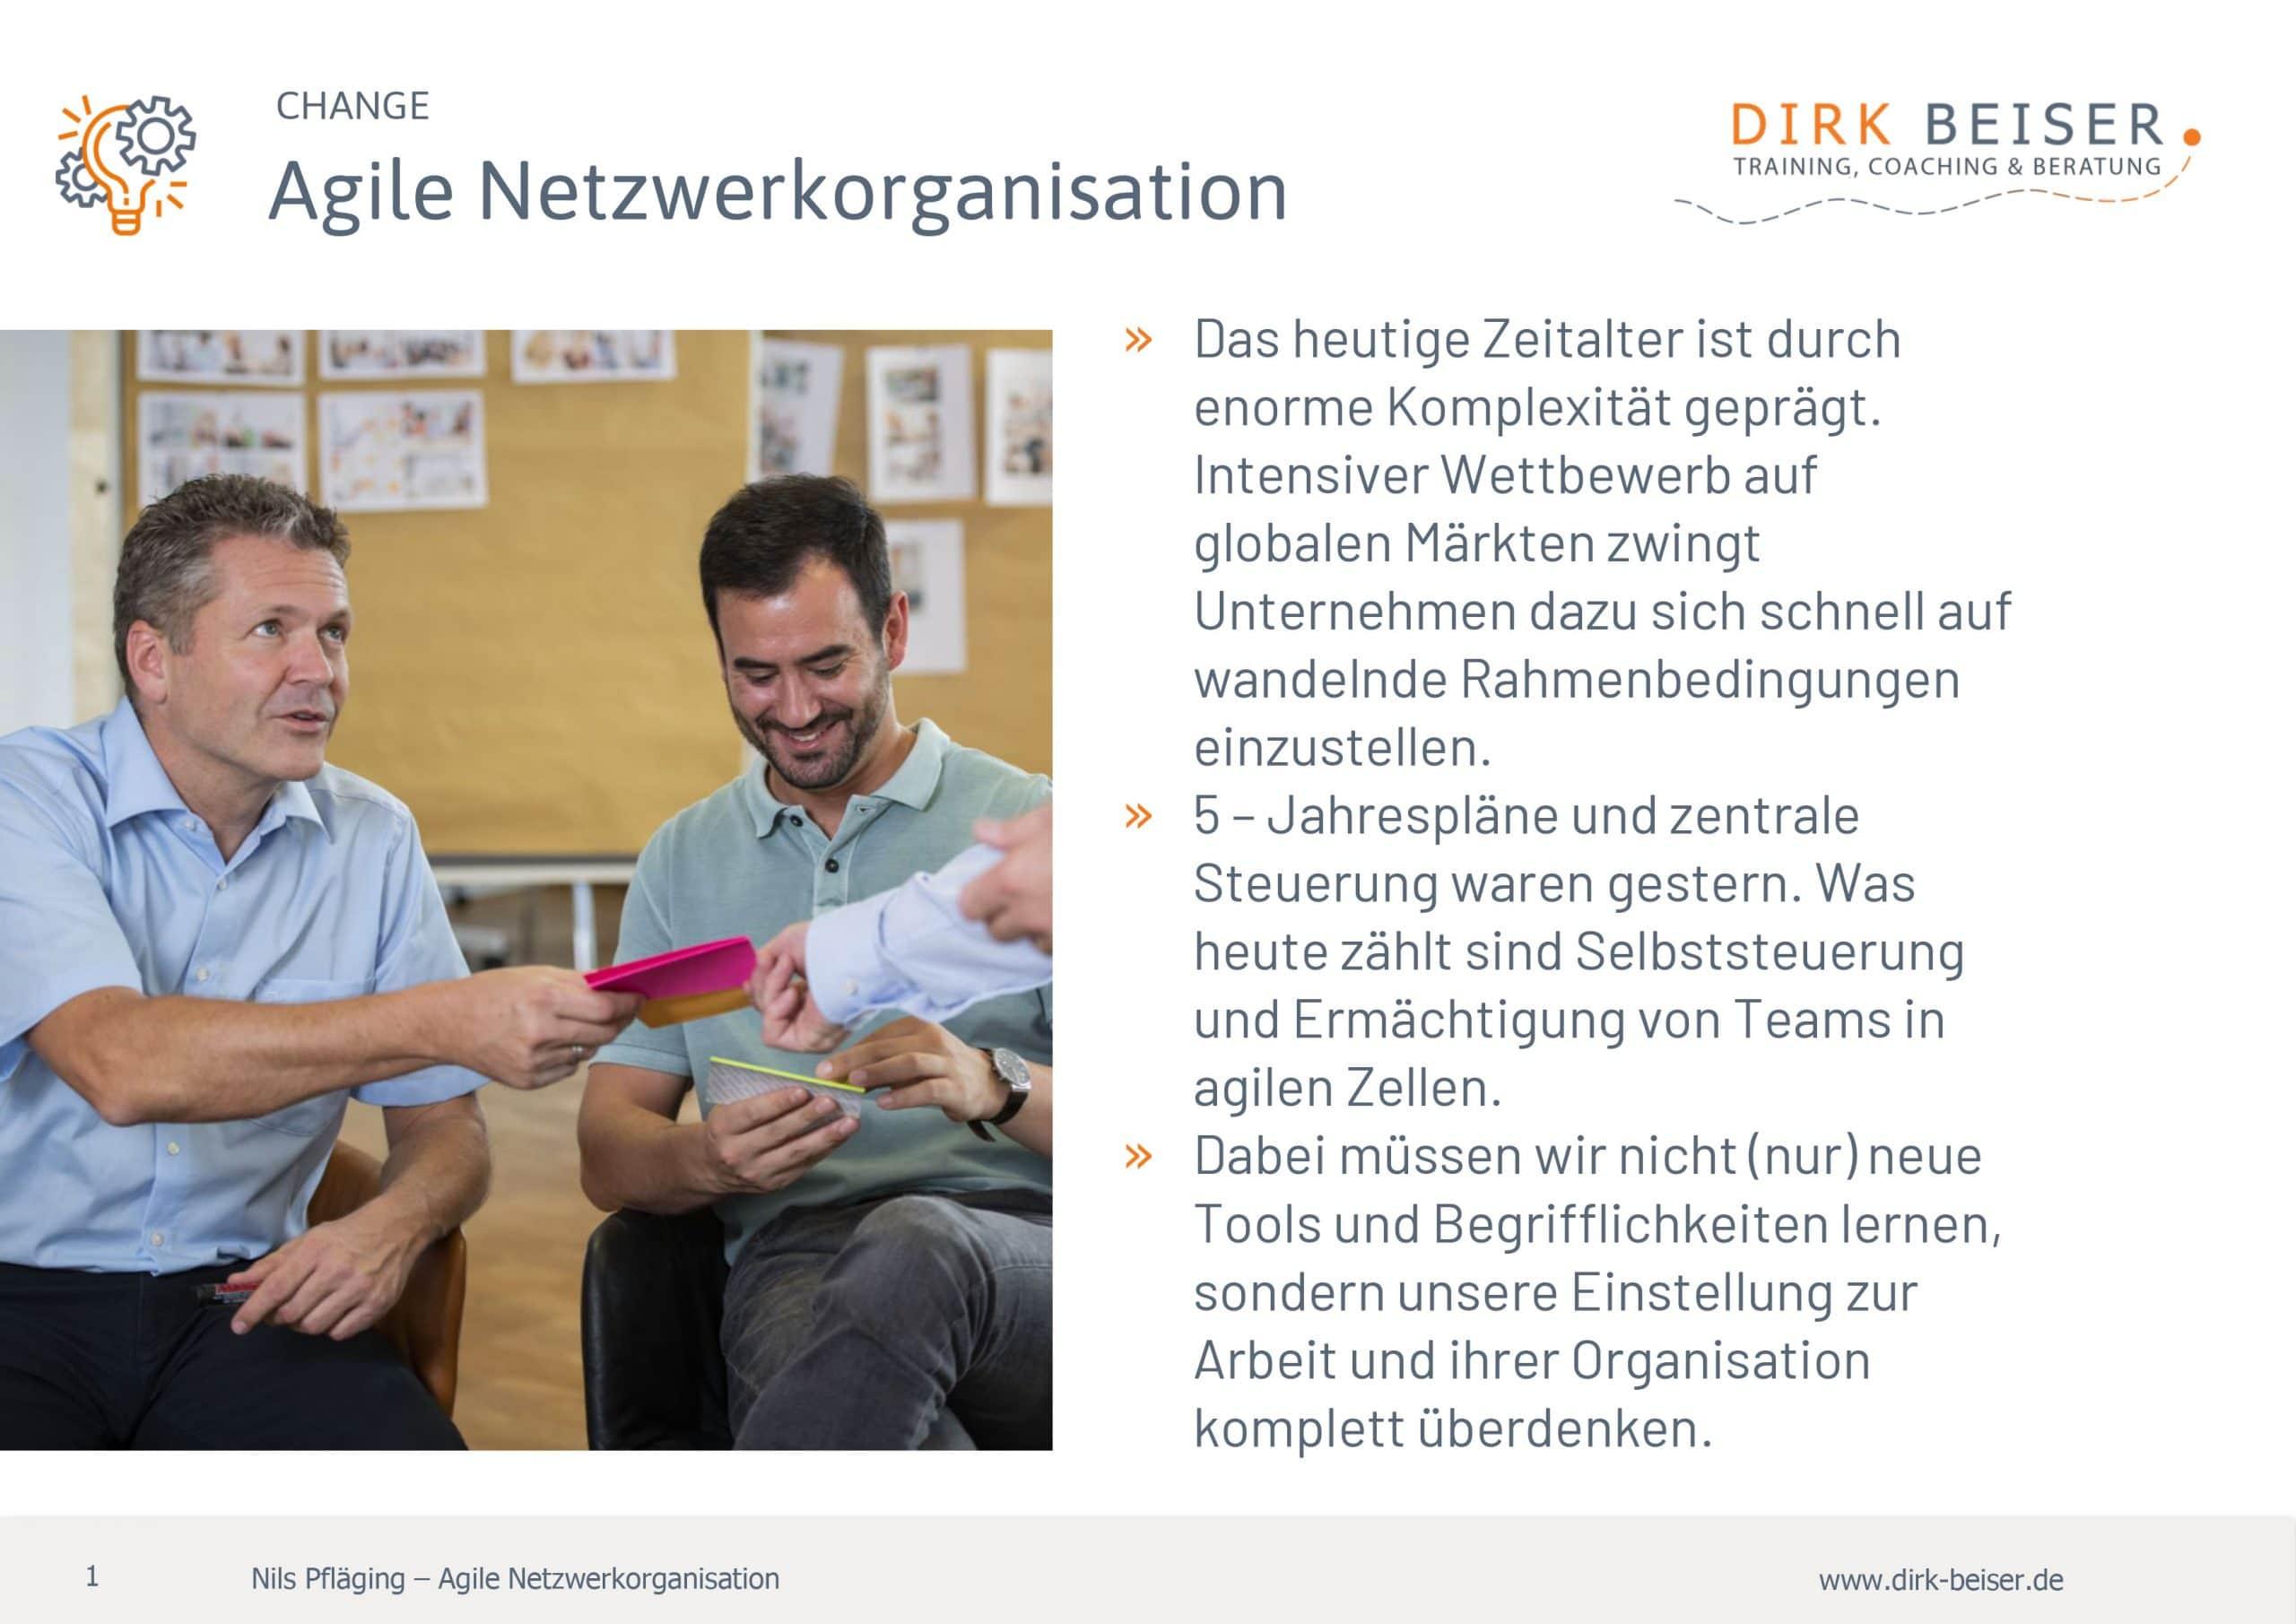 Agile Netzwerkorganisation Für Ihr Unternehmen